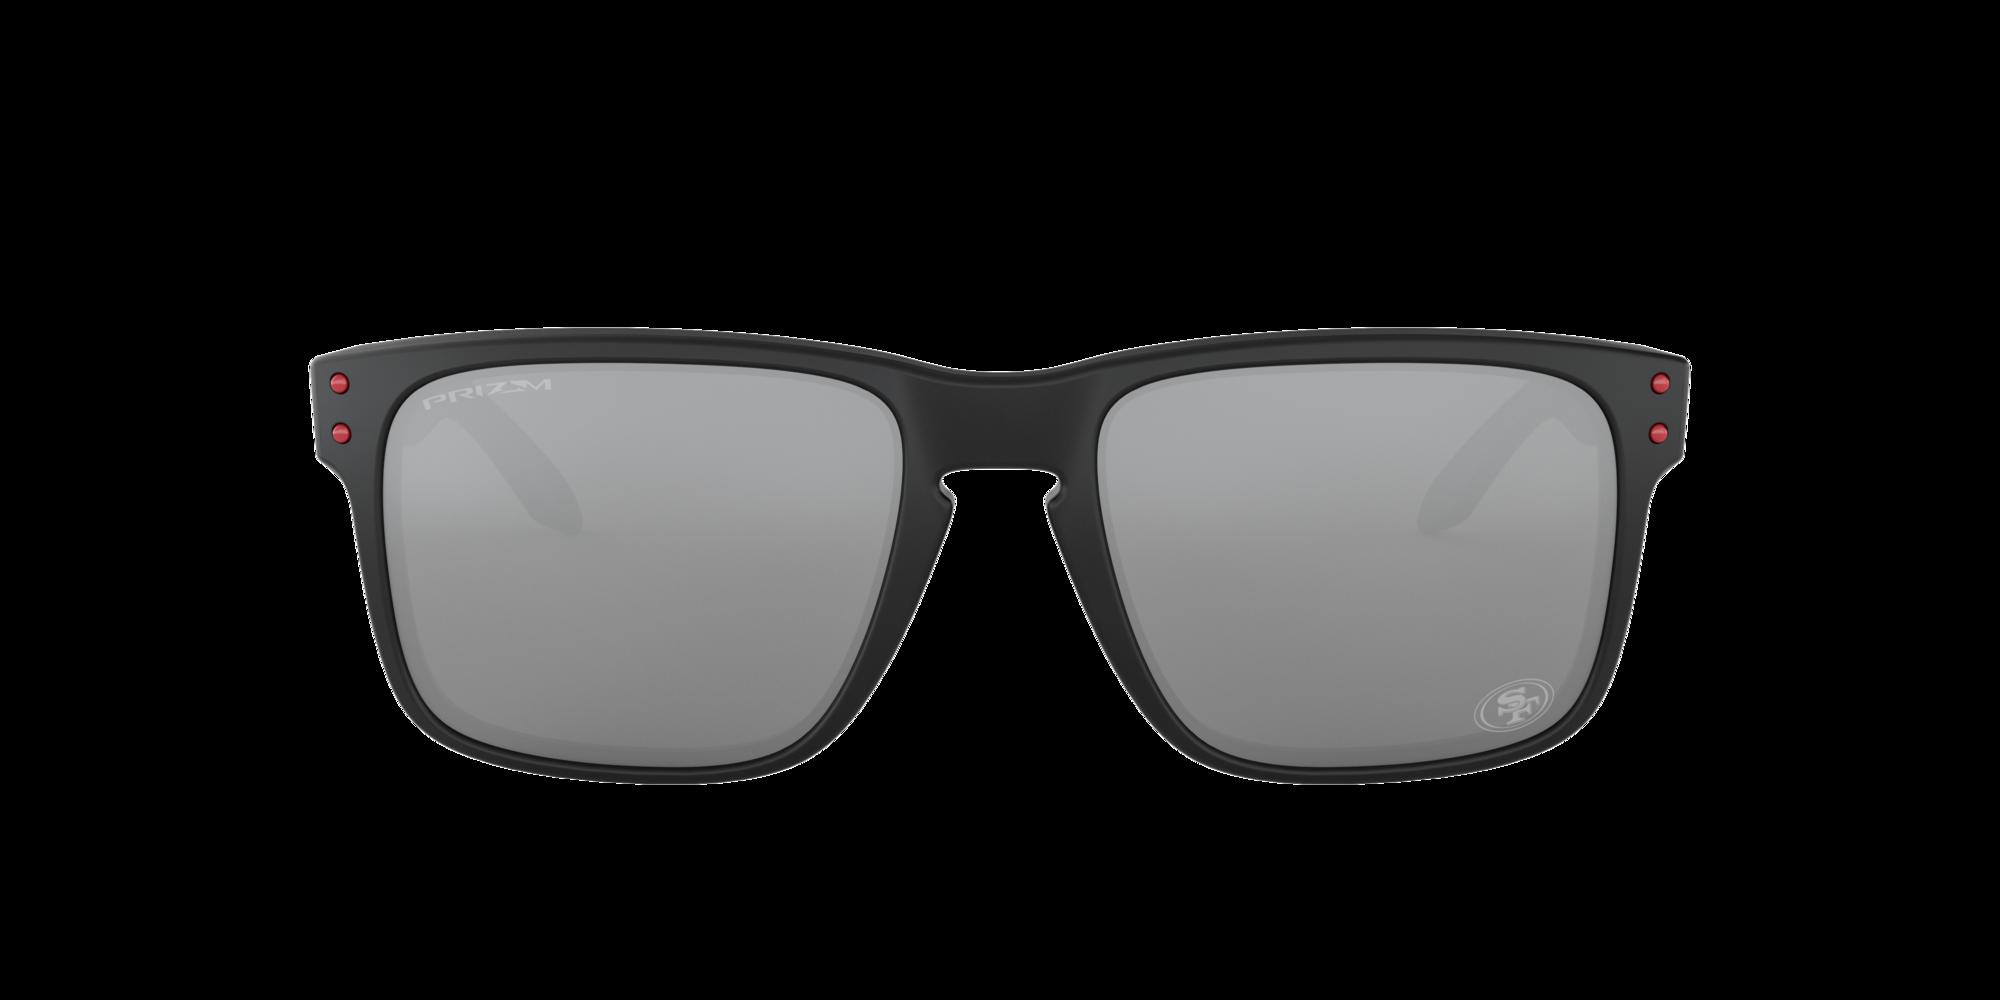 Imagen para OO9102 55 HOLBROOK de LensCrafters |  Espejuelos, espejuelos graduados en línea, gafas